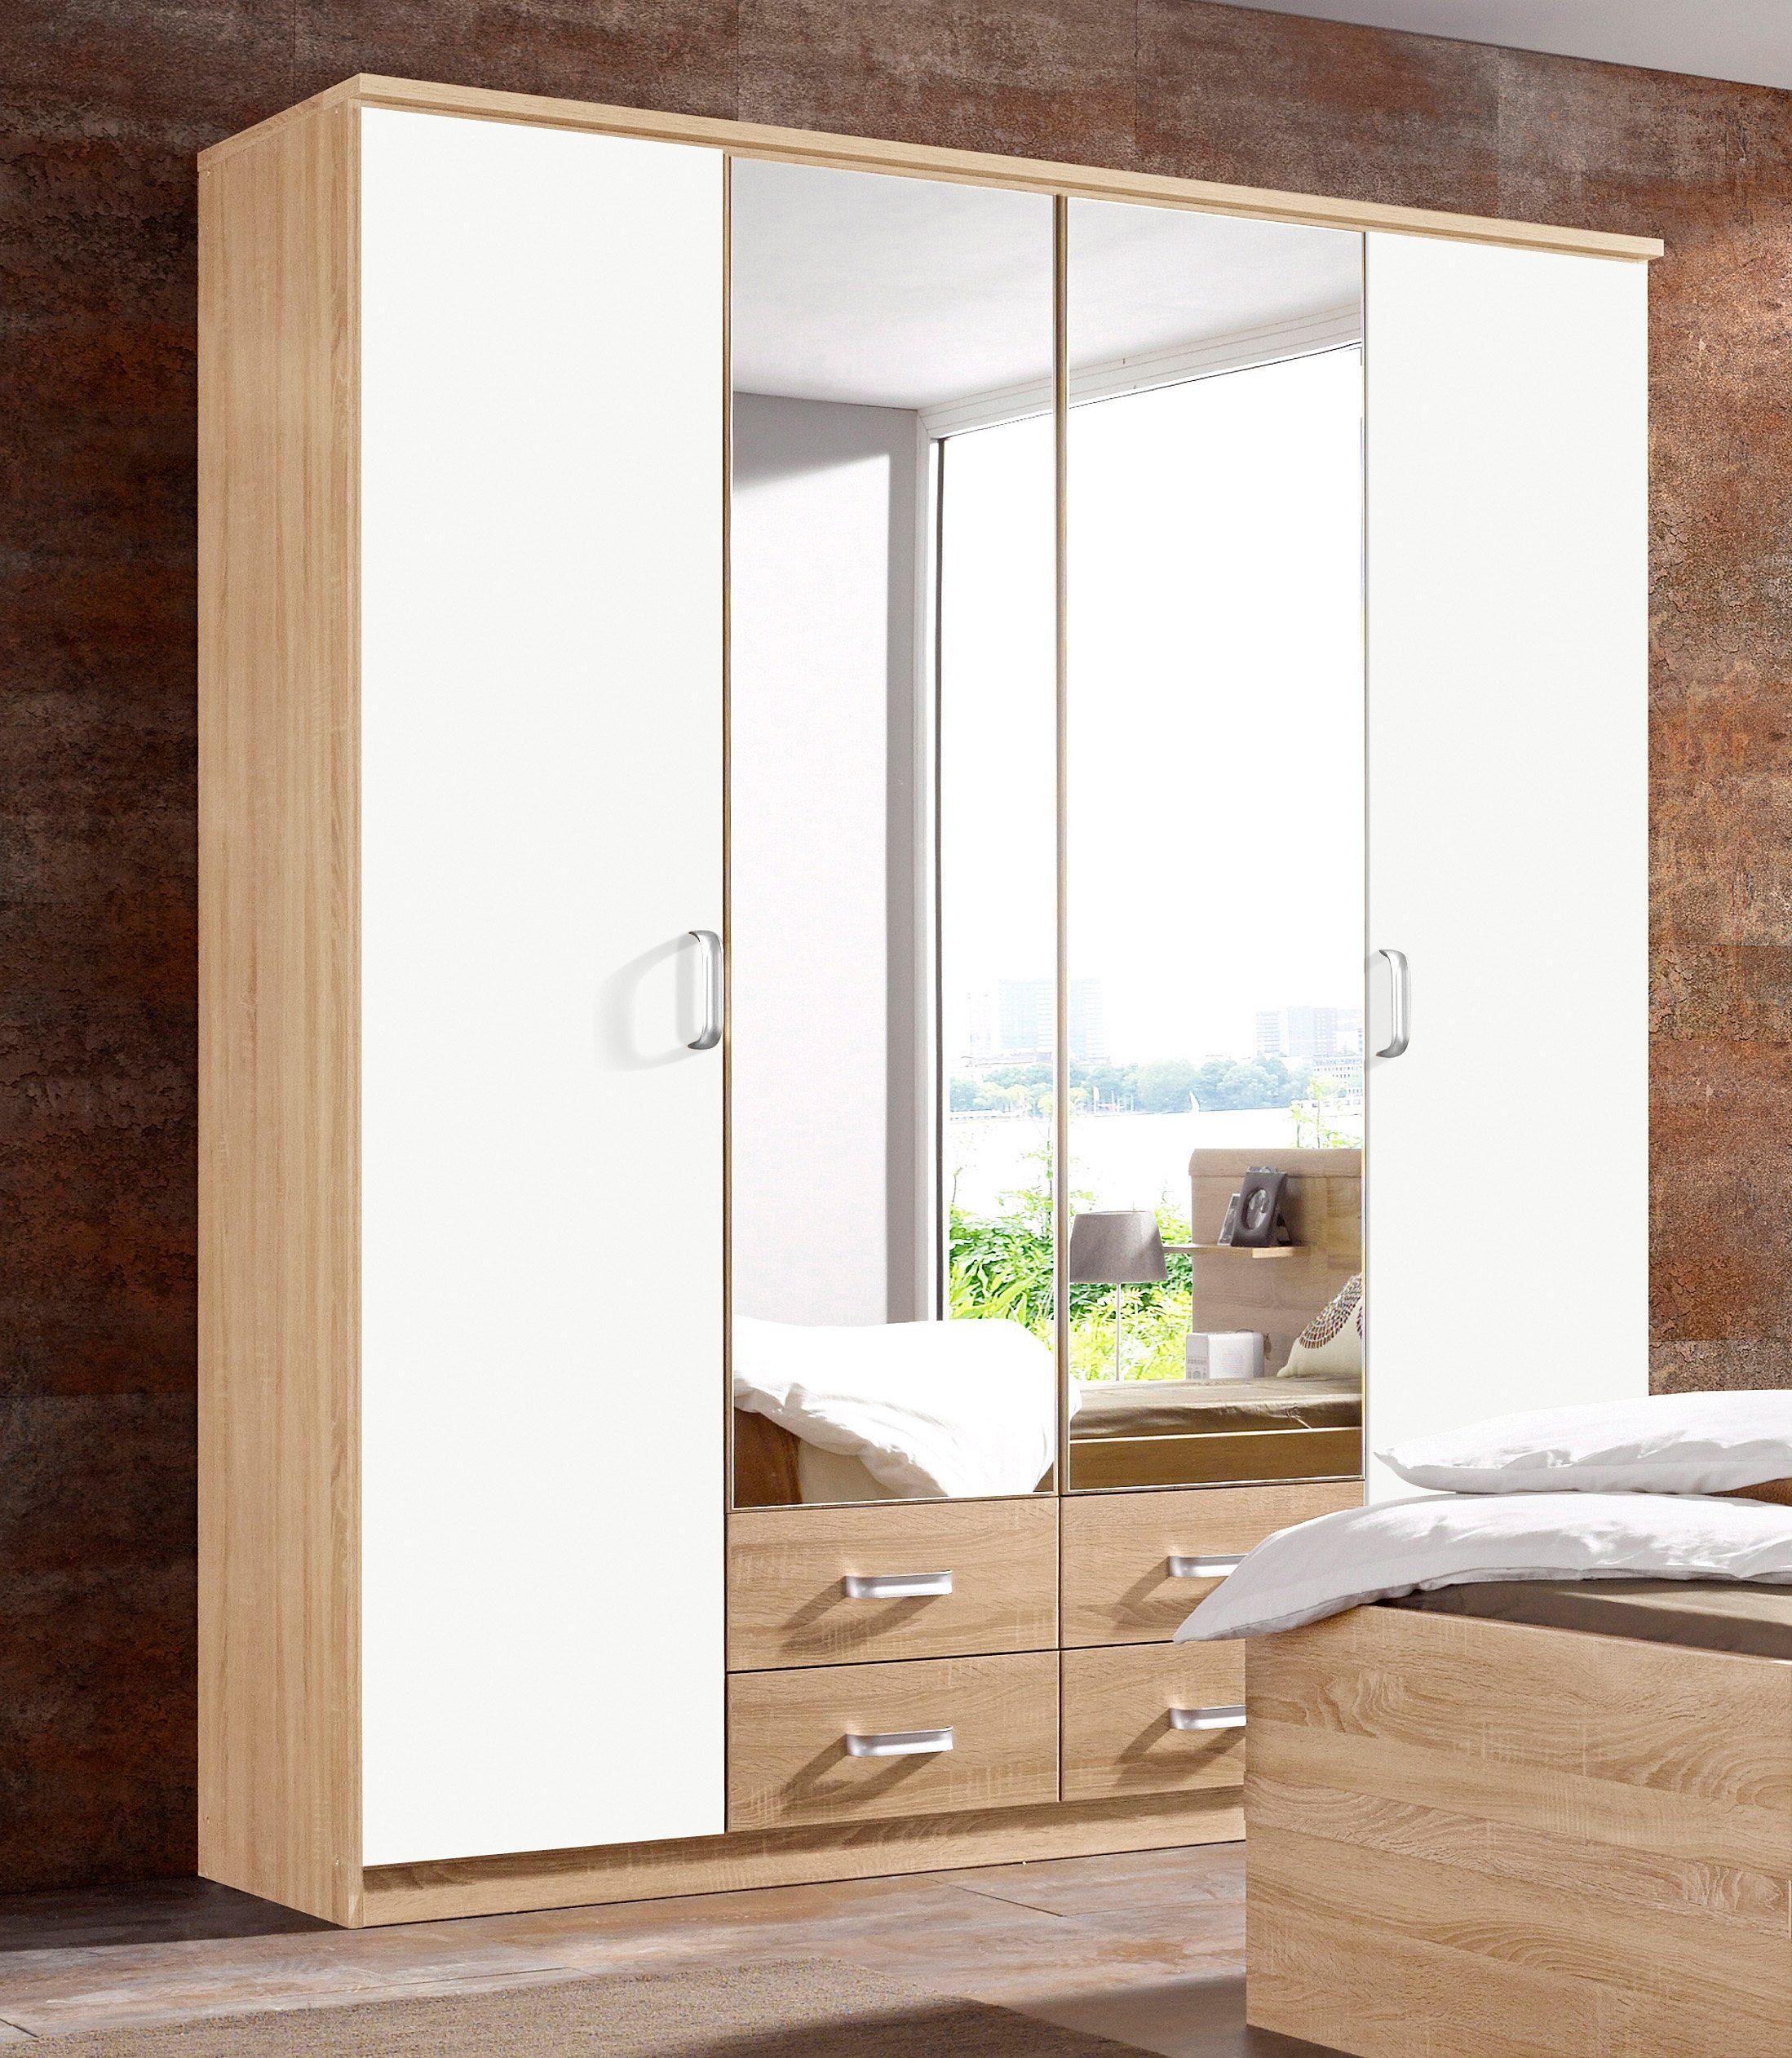 rauch pack s kleiderschrank gandra task jugendhilfe. Black Bedroom Furniture Sets. Home Design Ideas